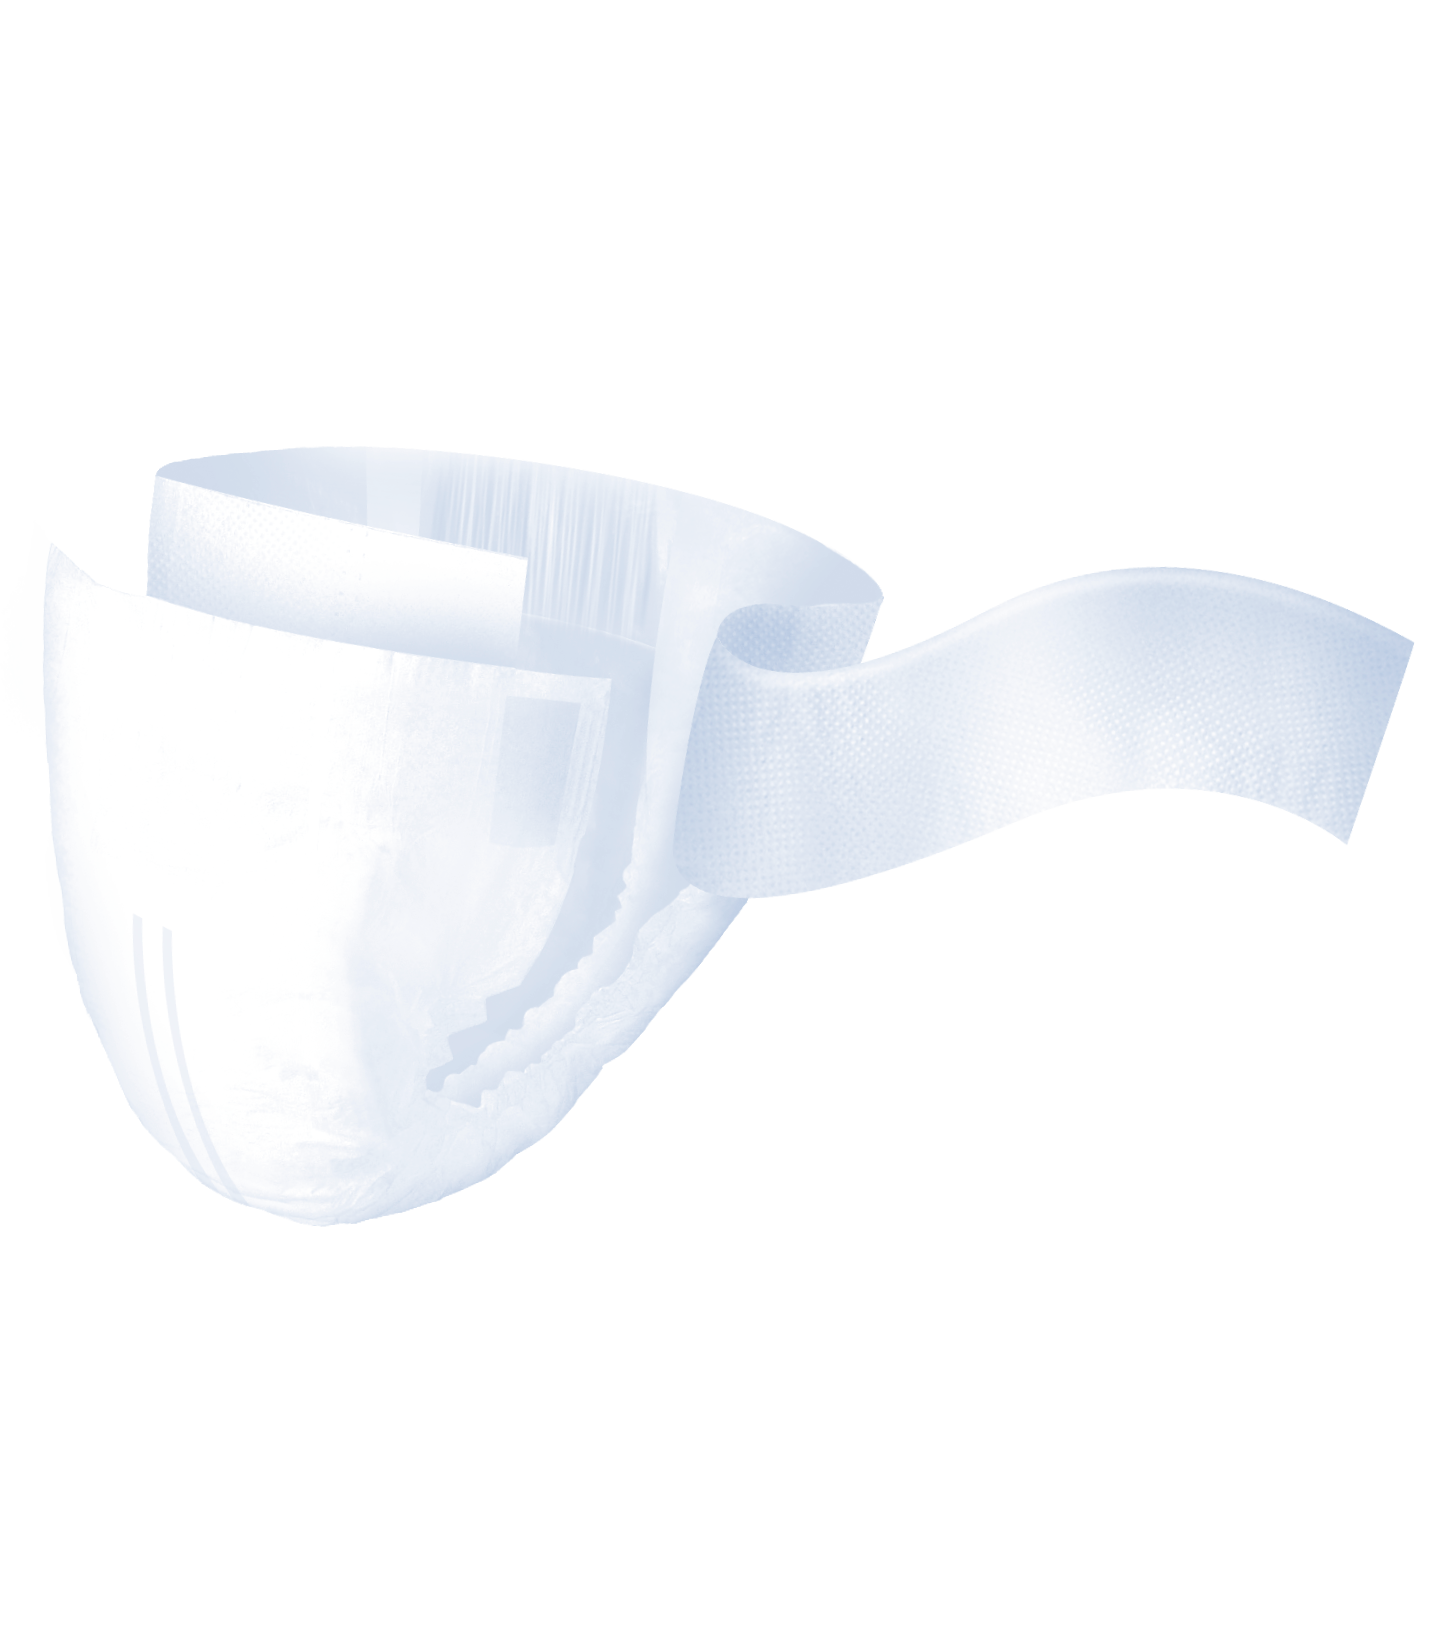 iD Flex Belted Briefs (Unisex) width=